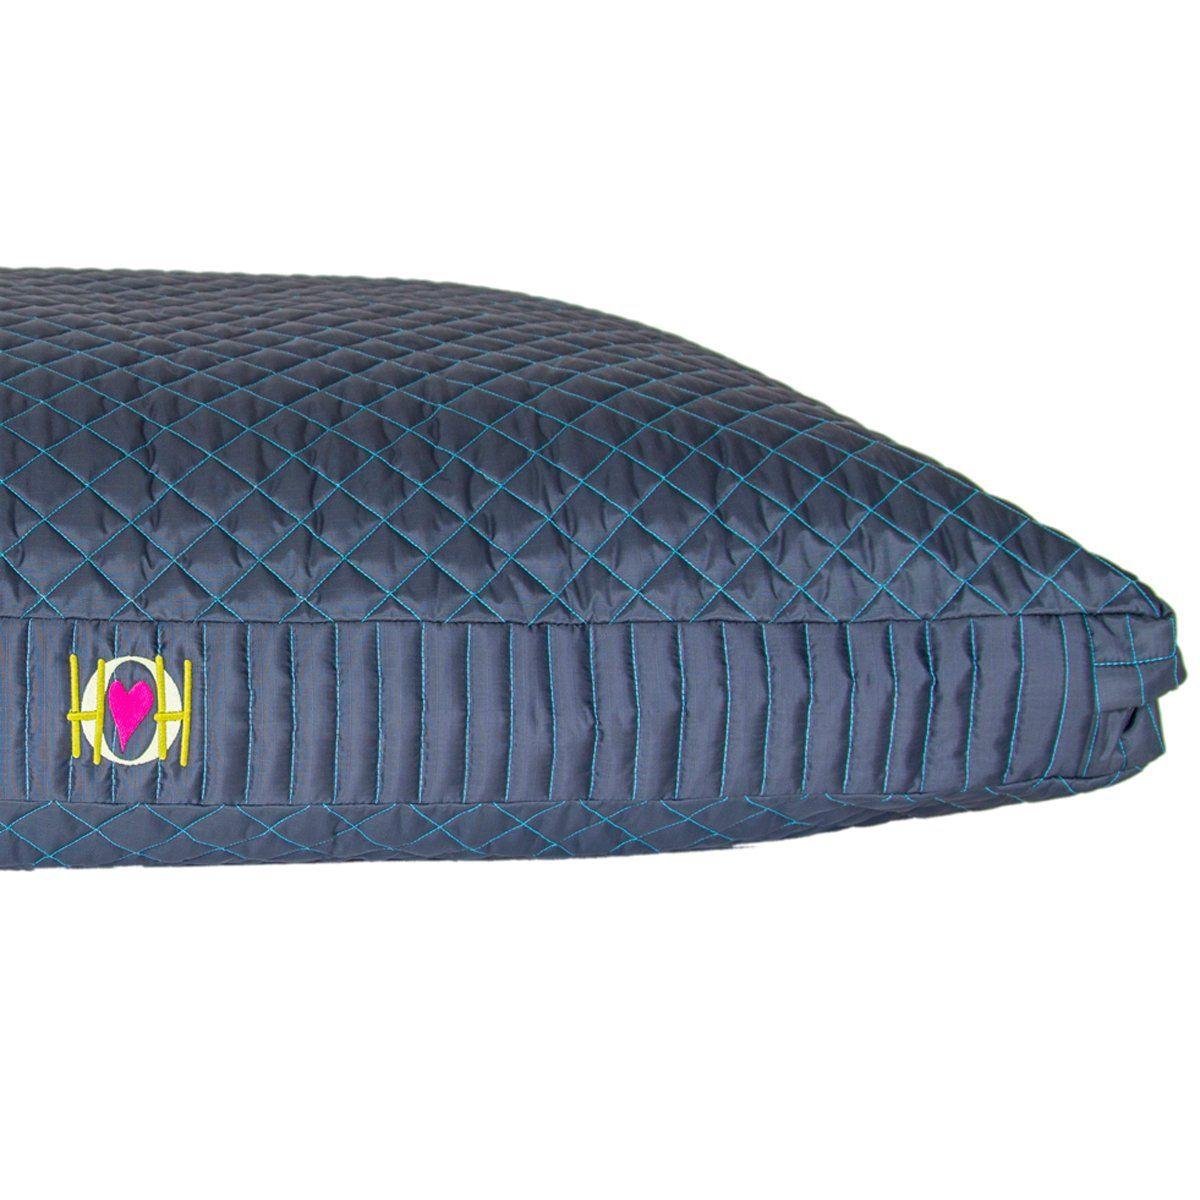 HuggleHounds Chew Resistant TuffutLuxx Bed with Waterproof